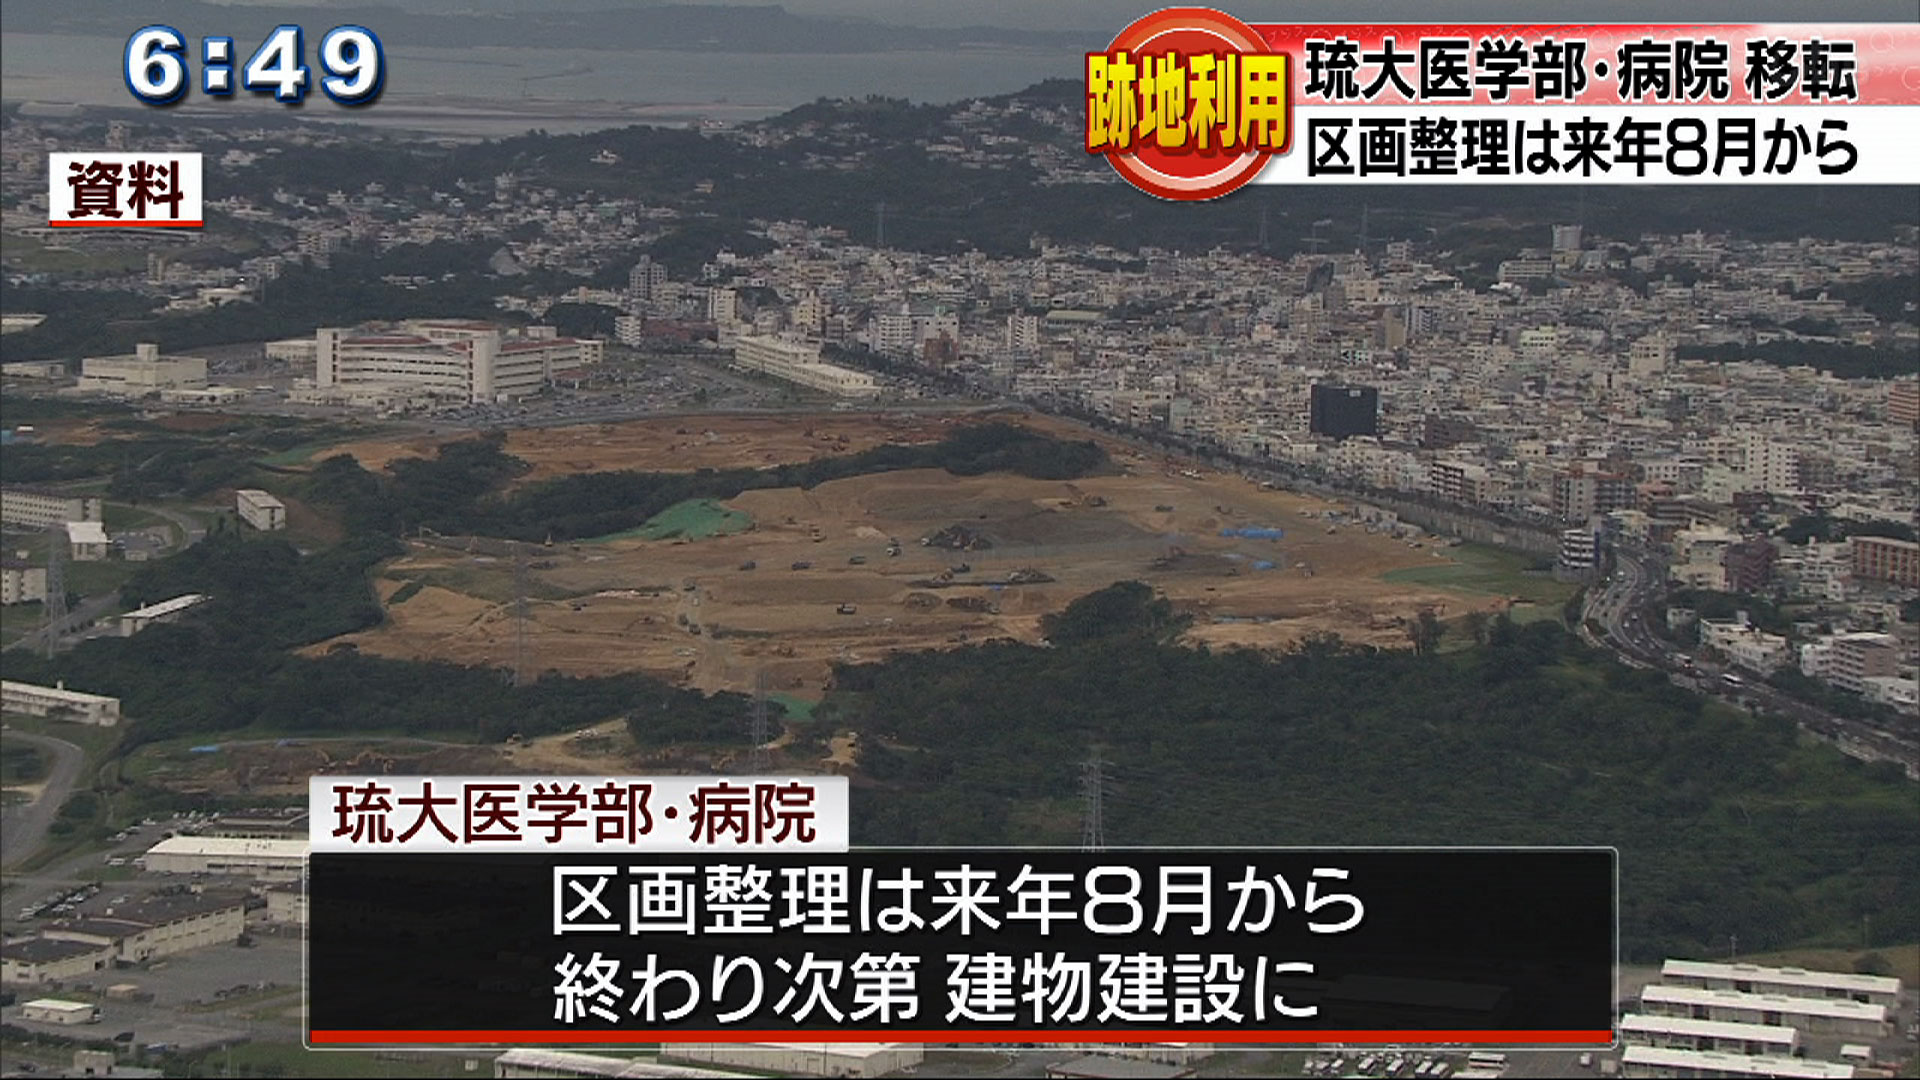 西普天間住宅地区 来年8月琉大病院着工